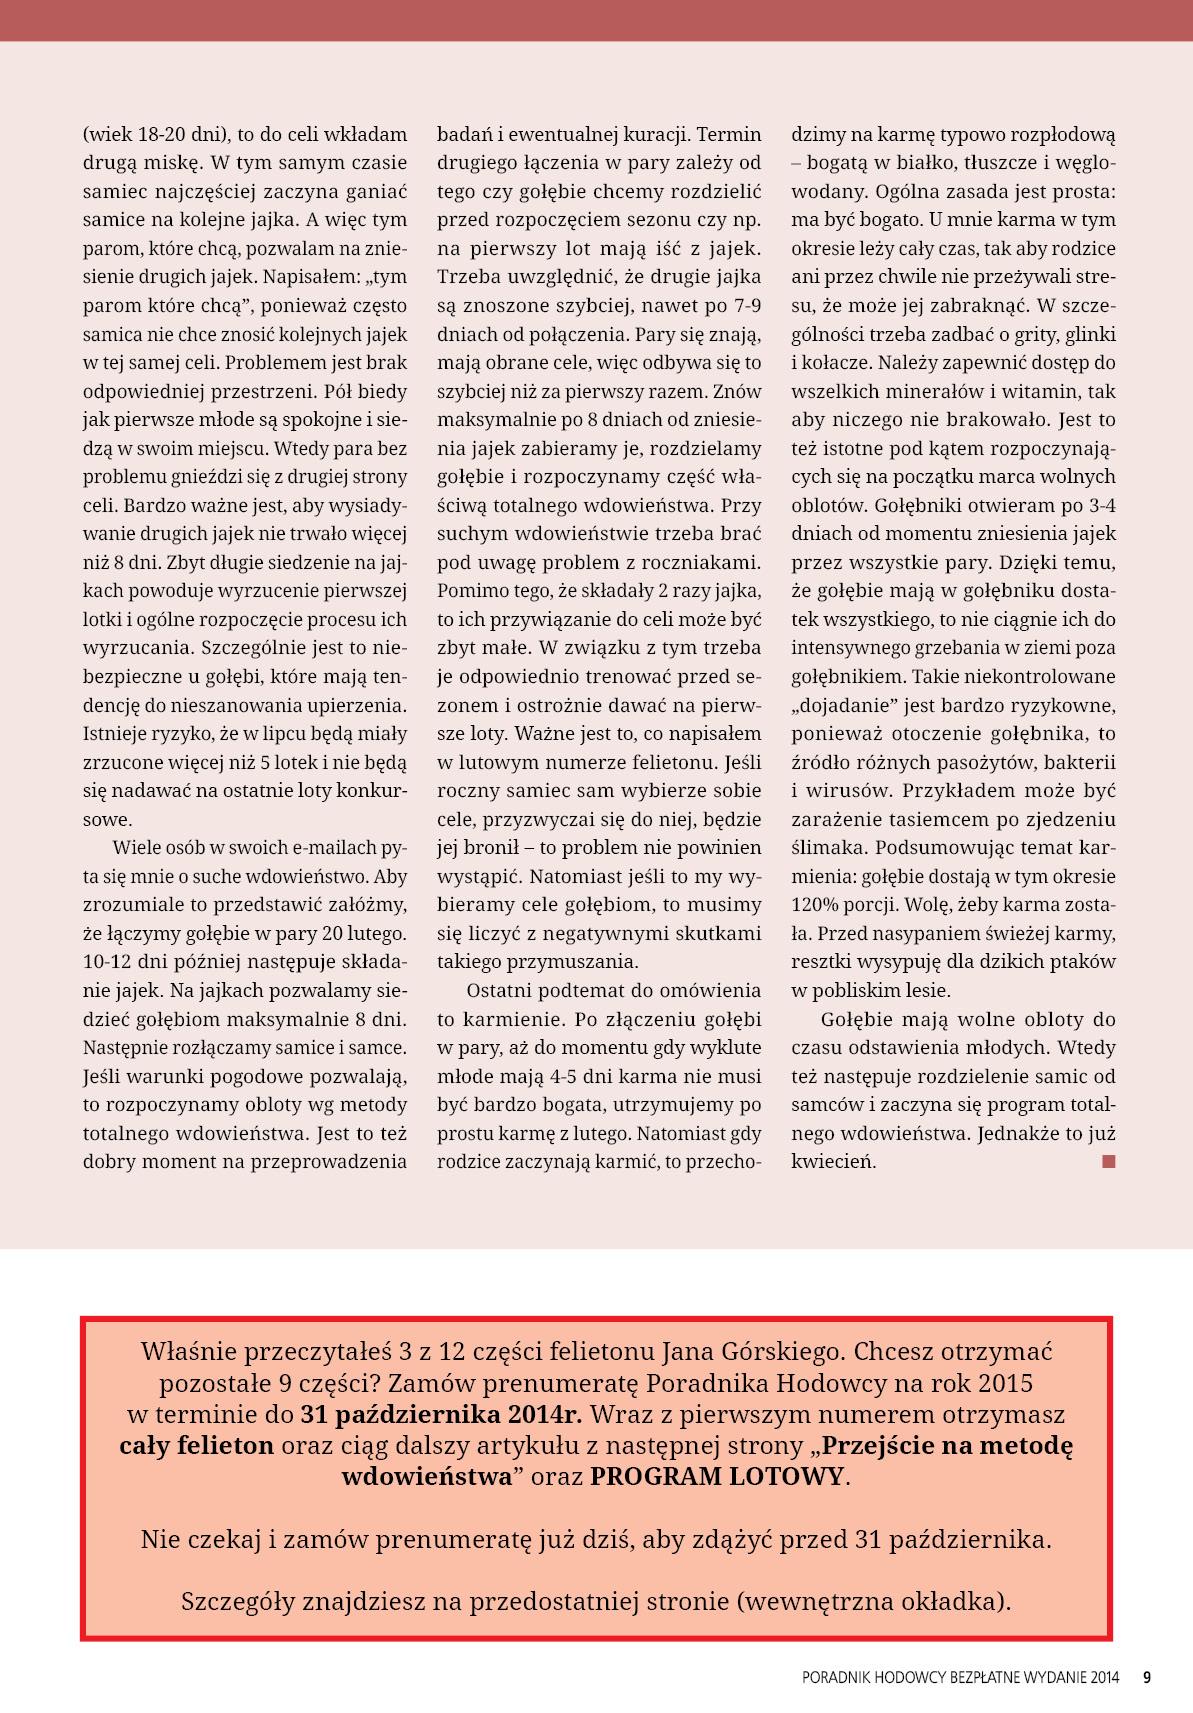 Darmowy numer specjalny Poradnika Hodowcy 2014 - strona 9